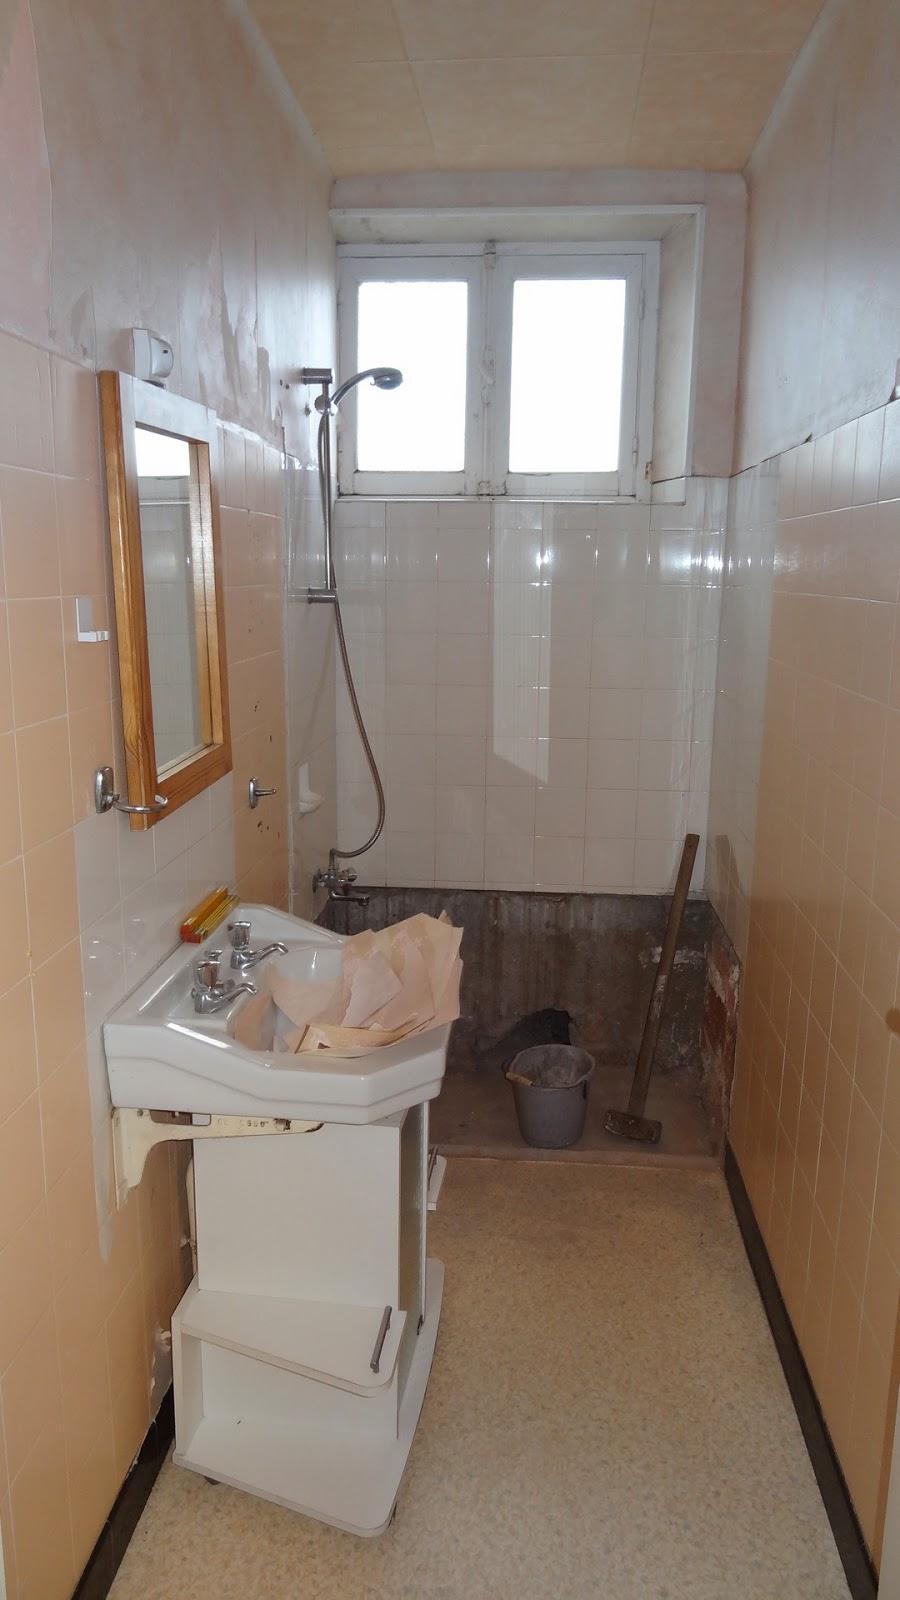 salle de bains dans un espace reduit